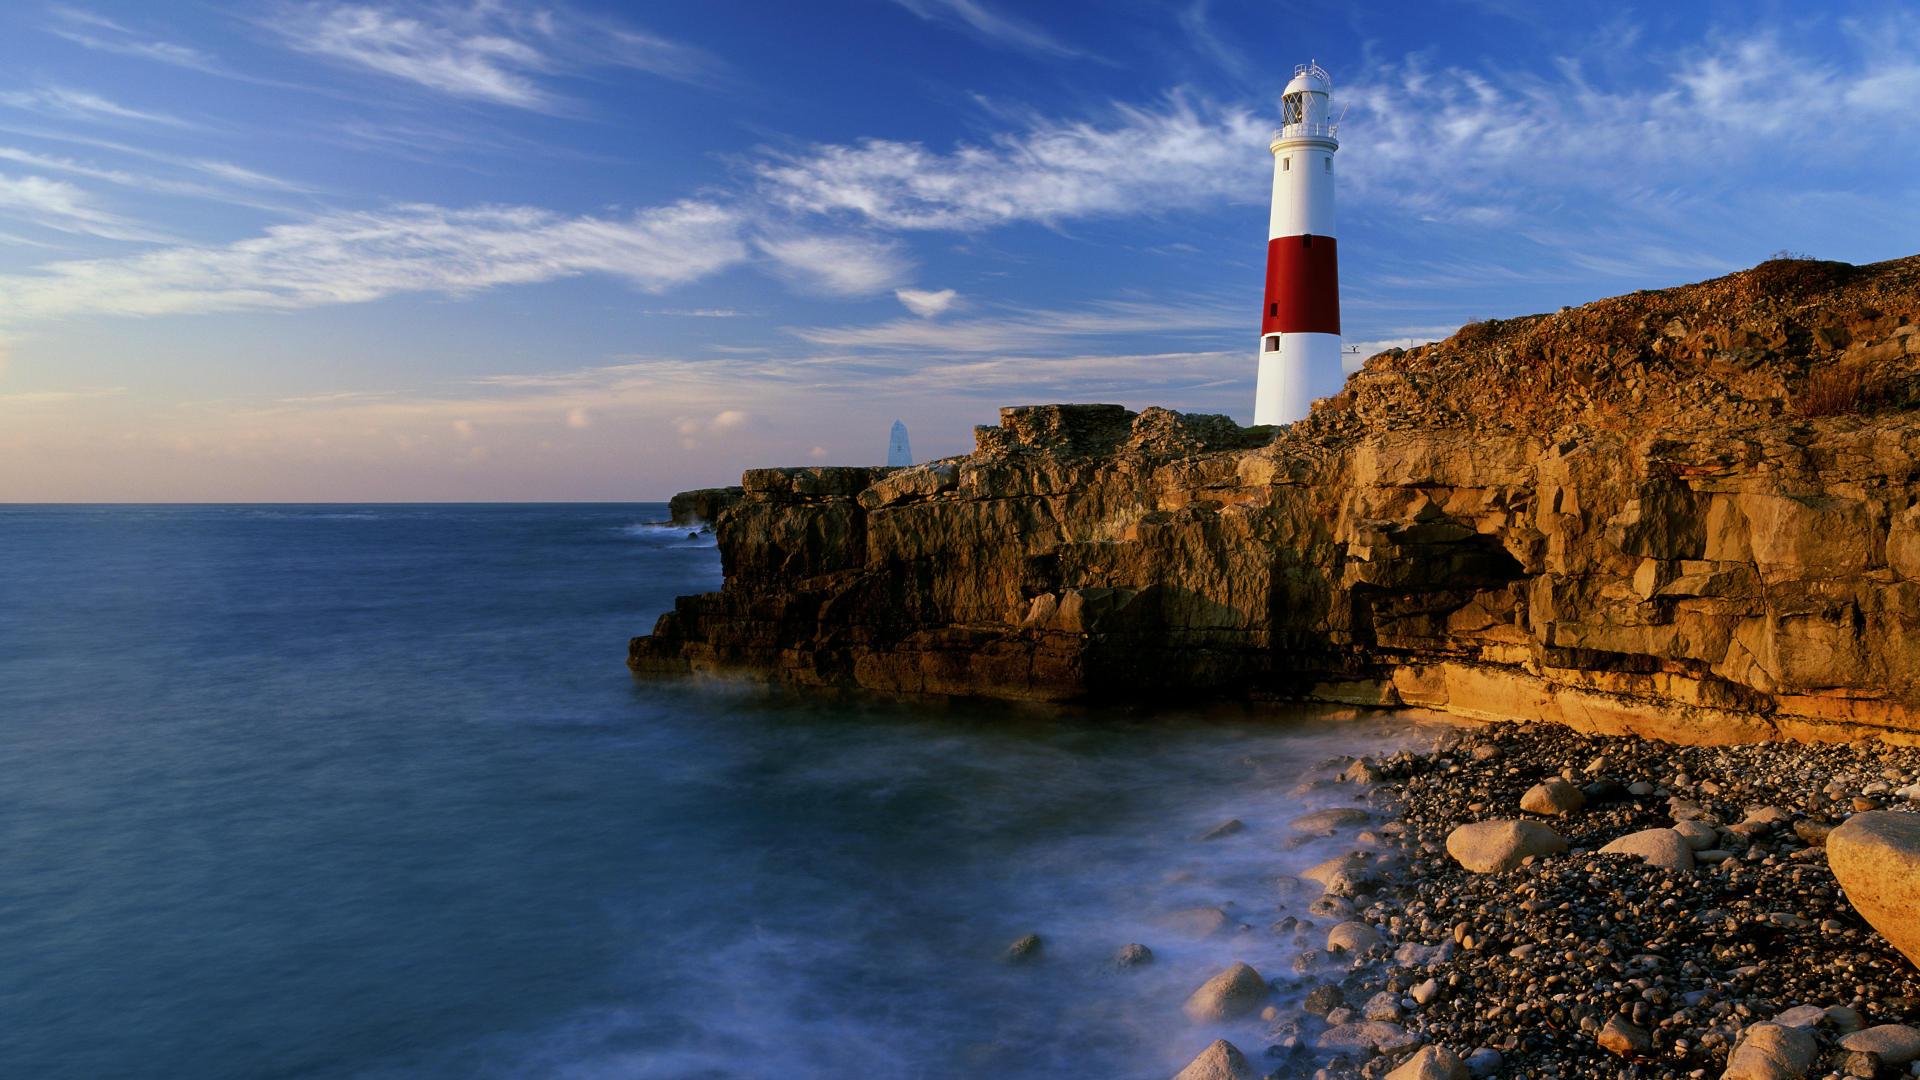 lighthouse backgrounds desktop wallpaper dorset england 1920x1080 1920x1080